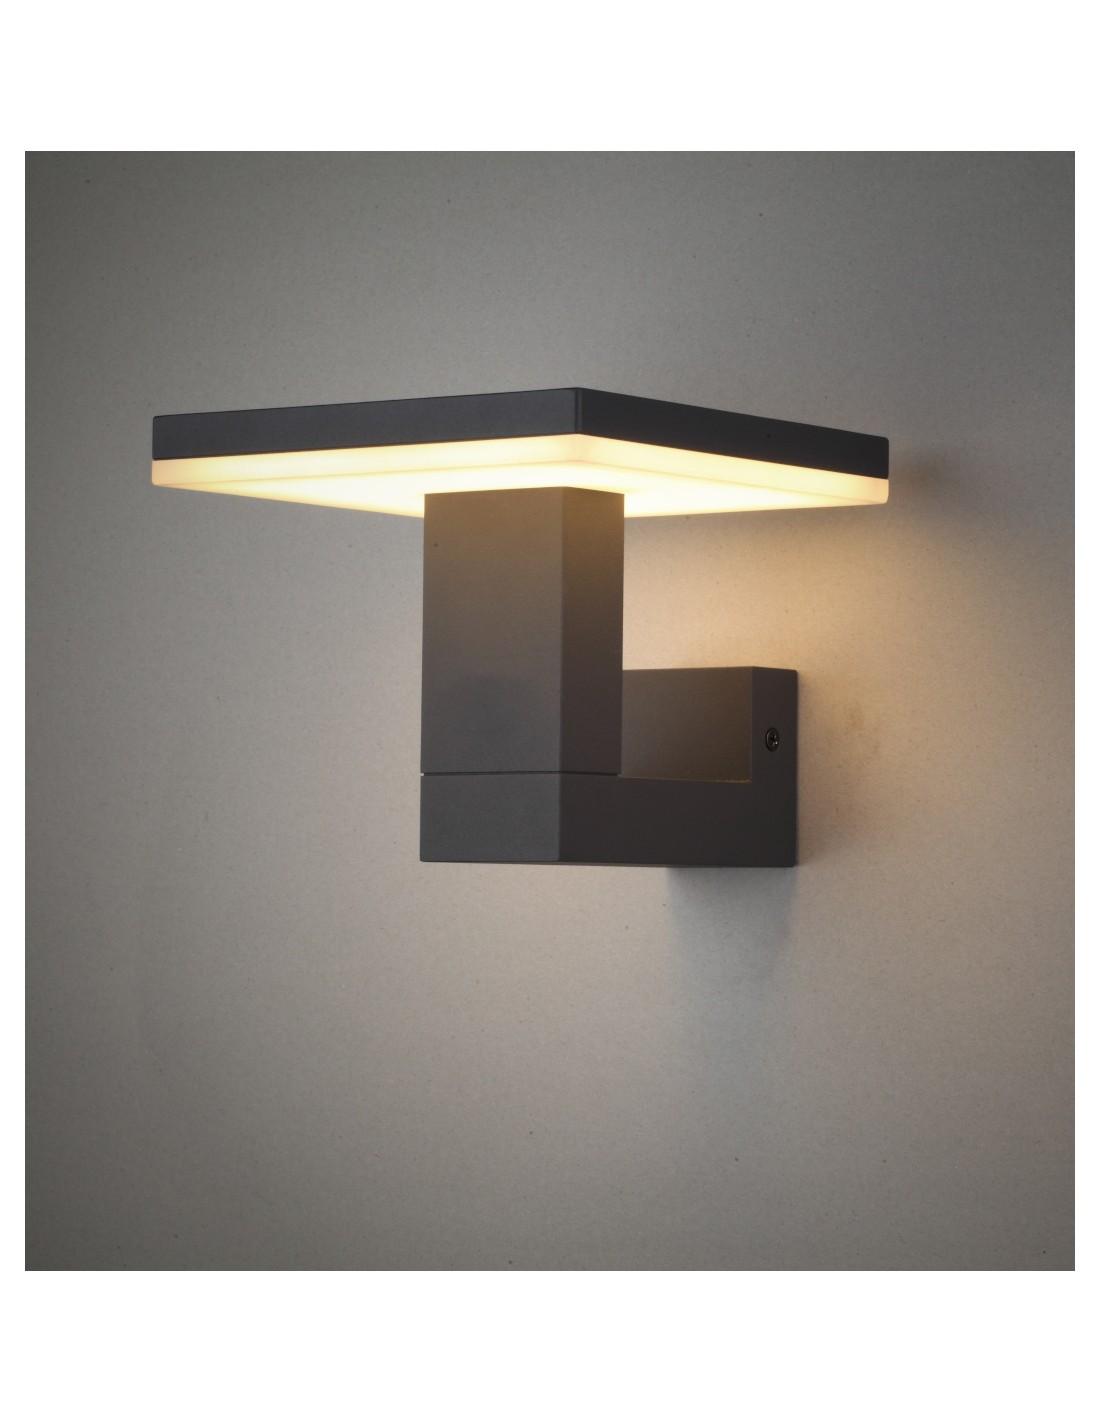 Aplique para exterior LED IP54 3000K – Tignes – Mantra